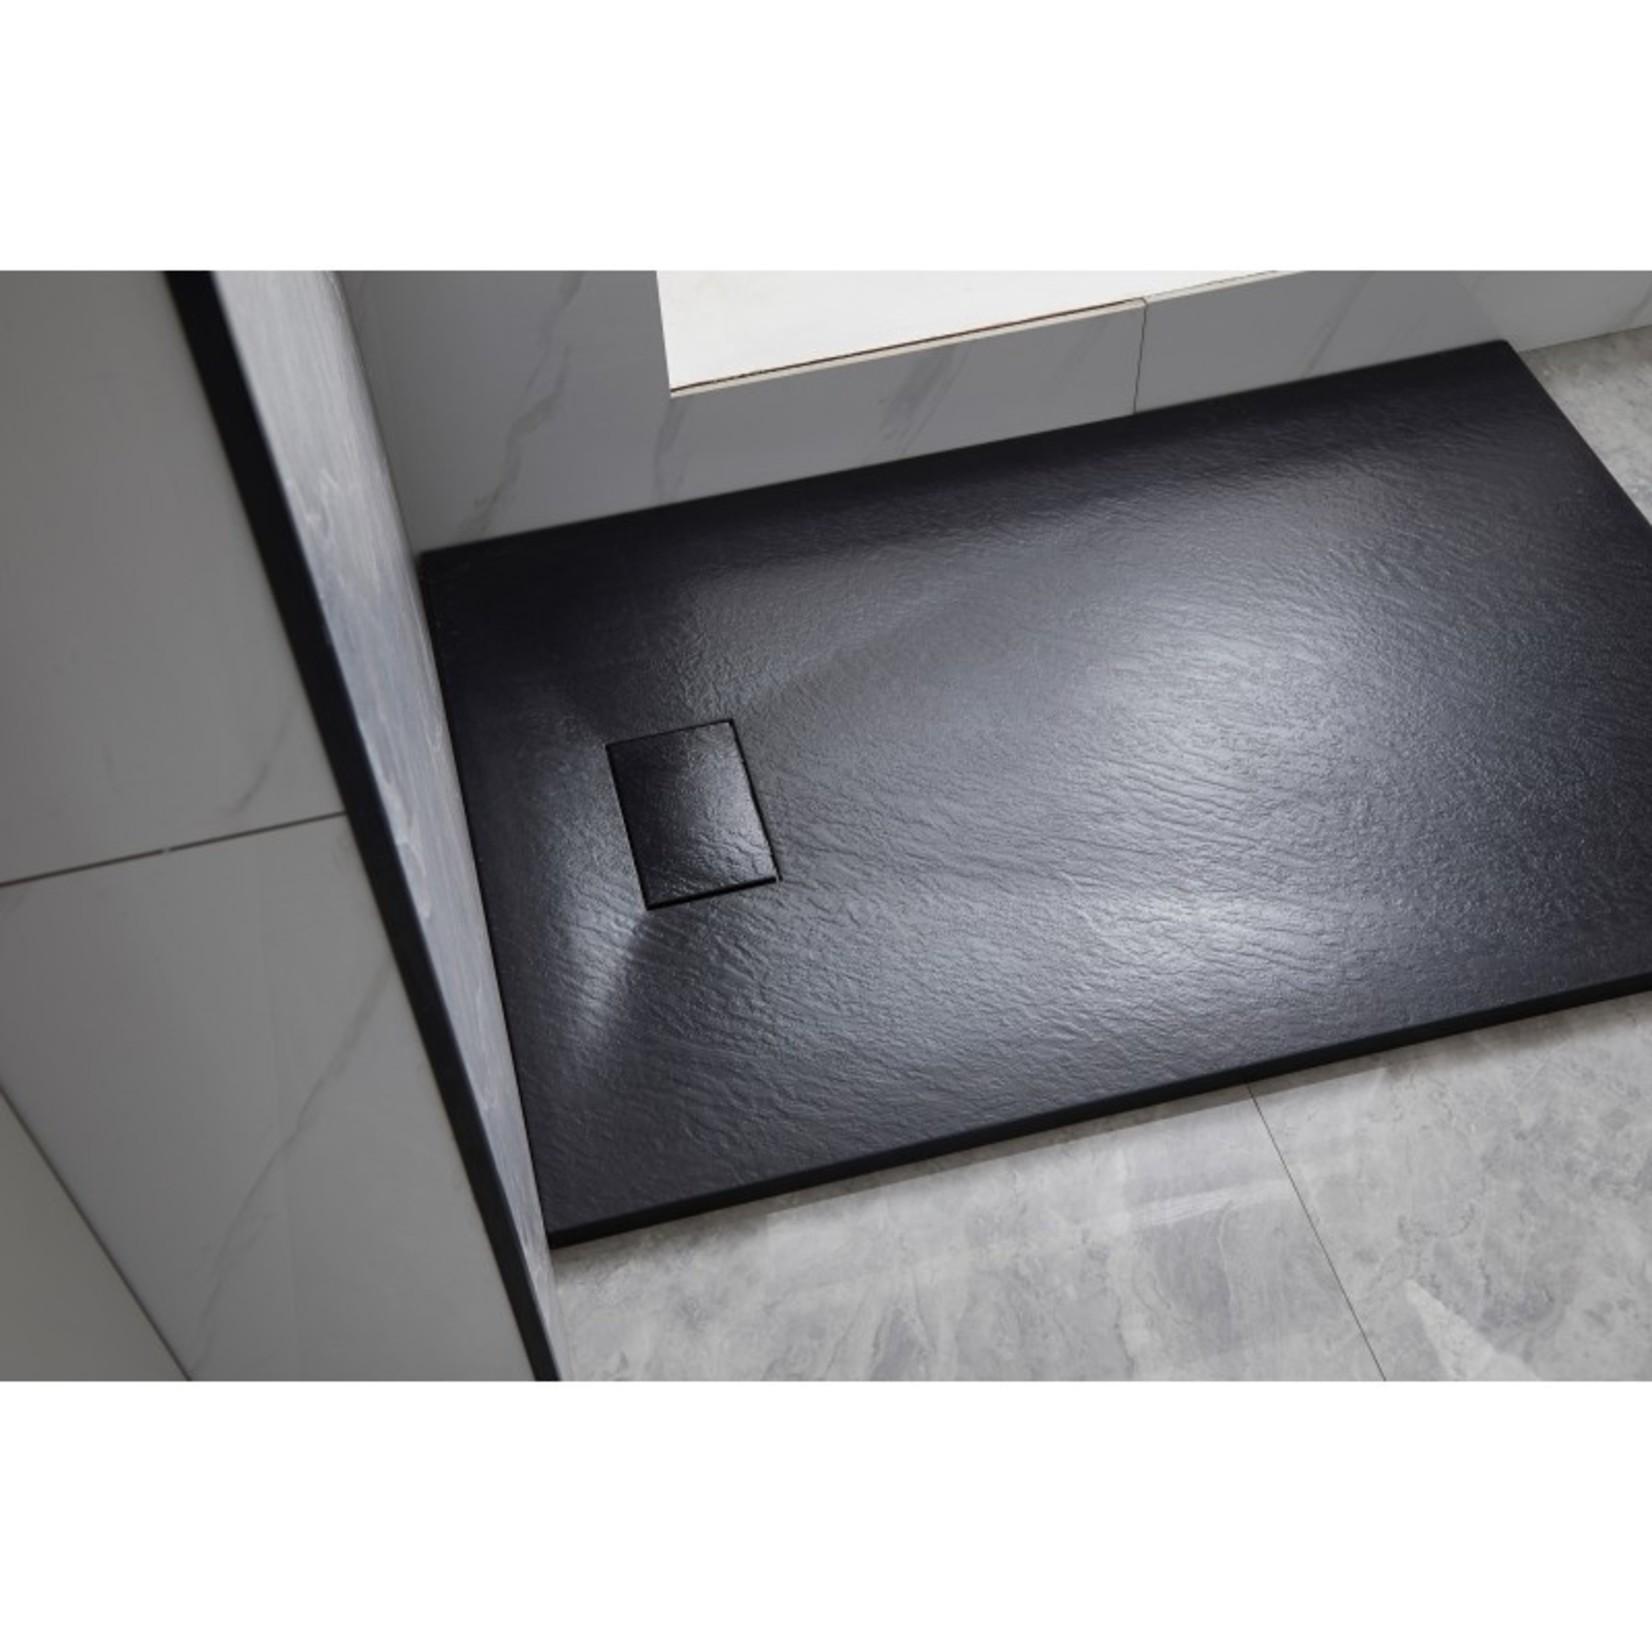 Base de douche noir fini ardoise 36x60 drain linéaire installation universelle